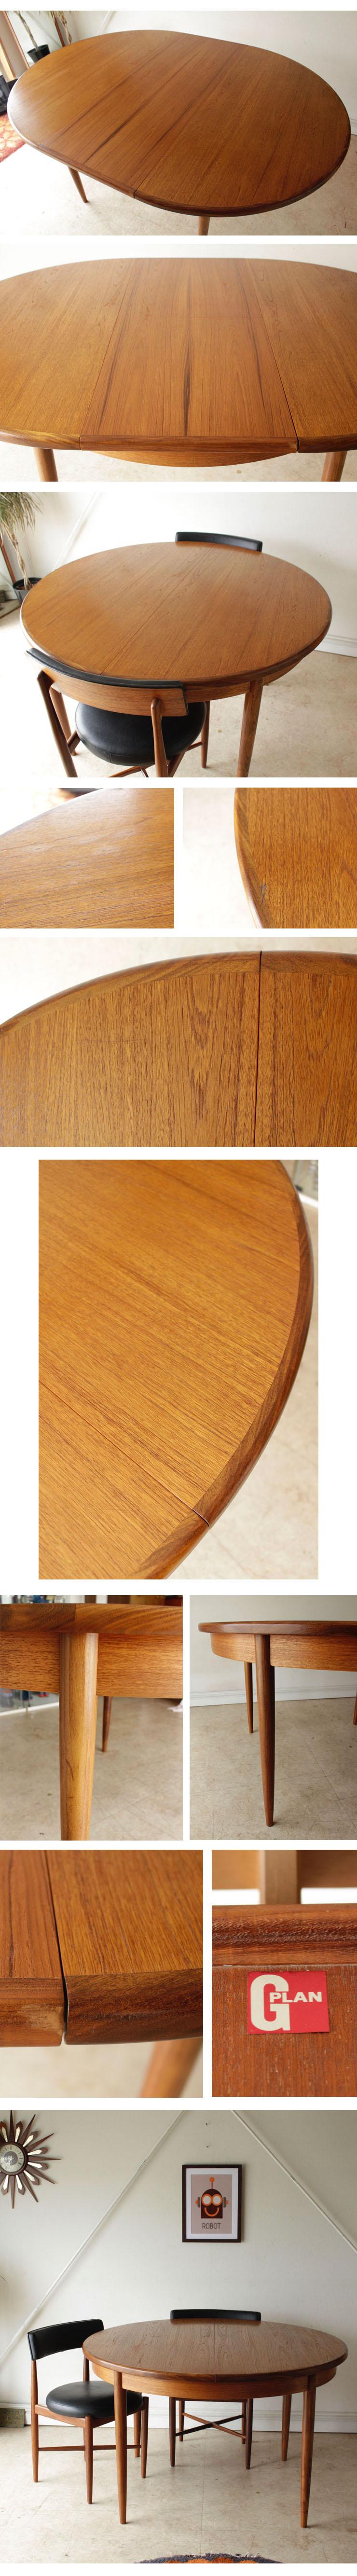 イギリス製・G-plan・ジープラン・フレスコ・ダイニングテーブル・ビンテージ・アンティーク・北欧